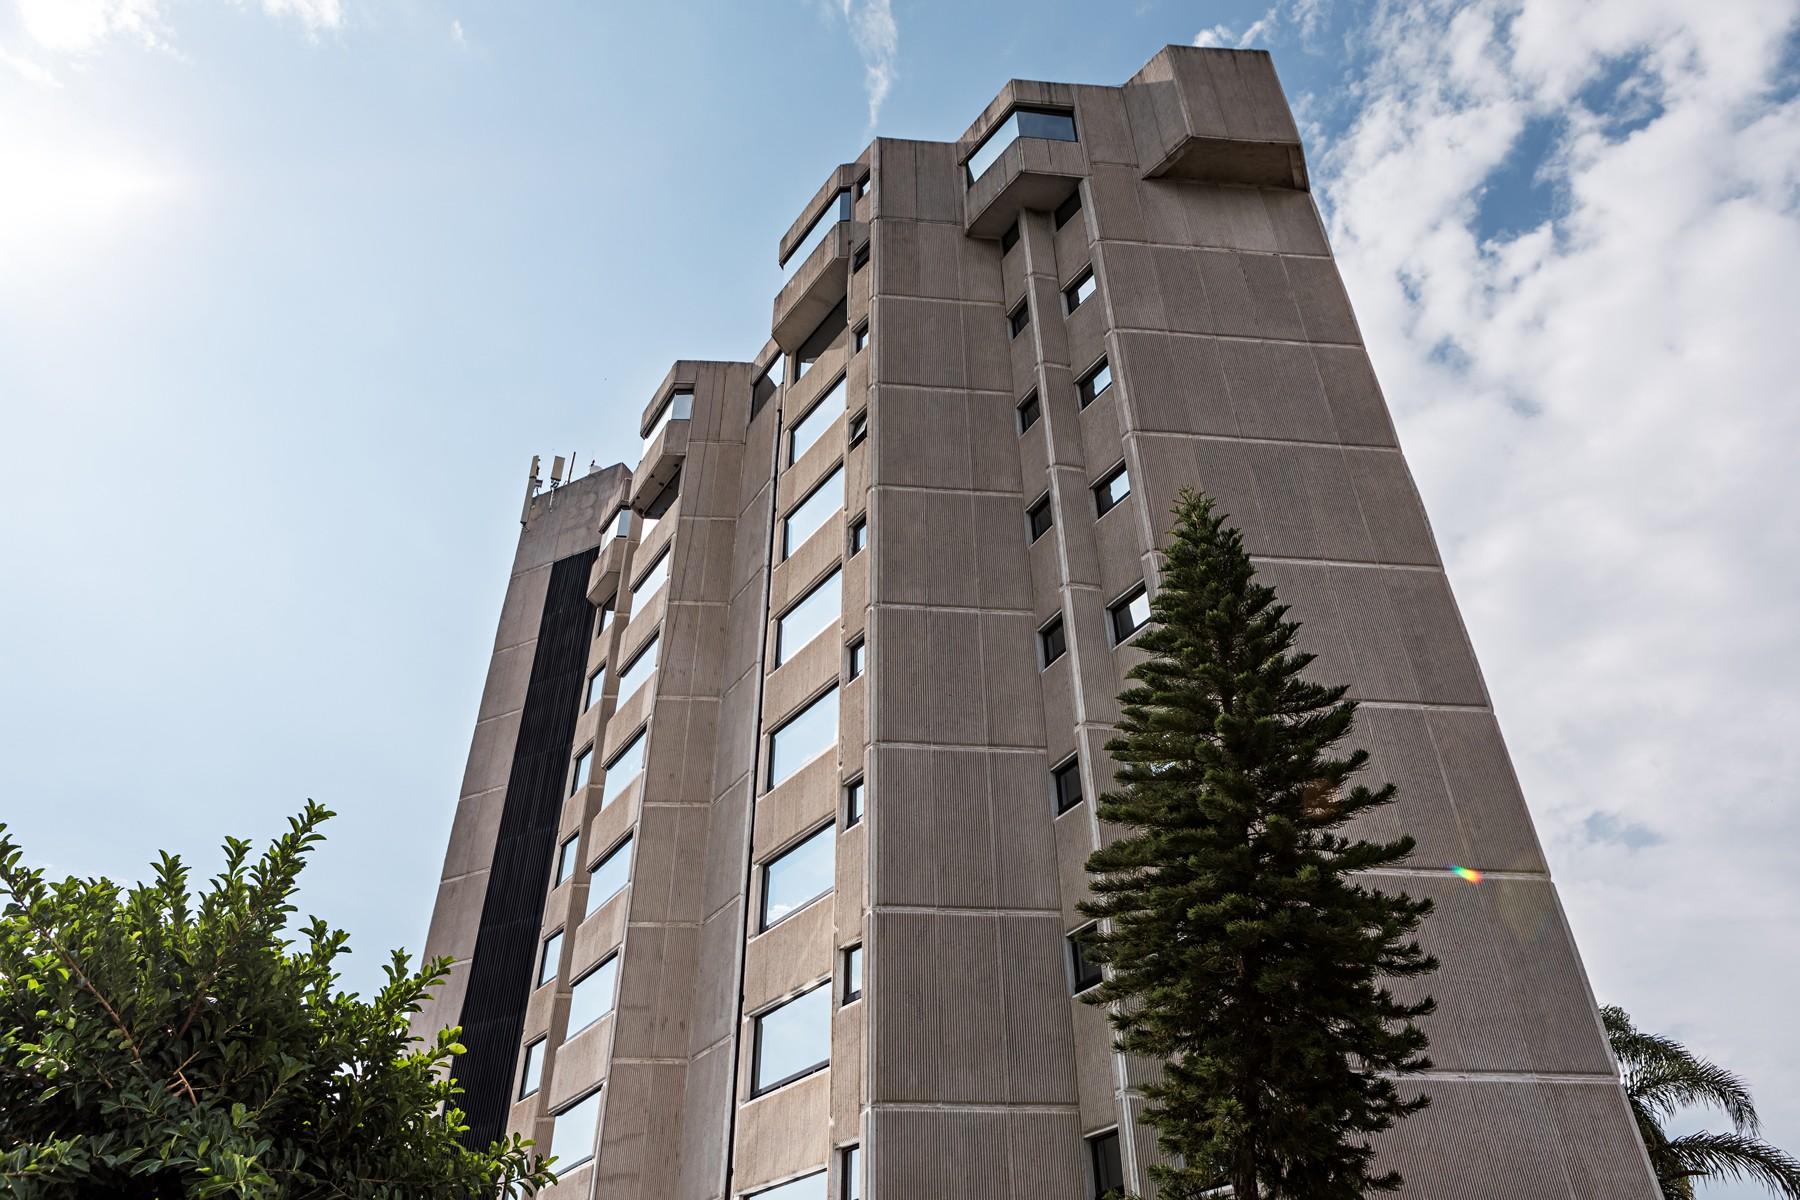 Apartment for Sale at Departamento de Lujo, Paseo del Edén, Colinas de San Javier, Zapopan Paseo del Edén 2449 Guadalajara, 44660 Mexico